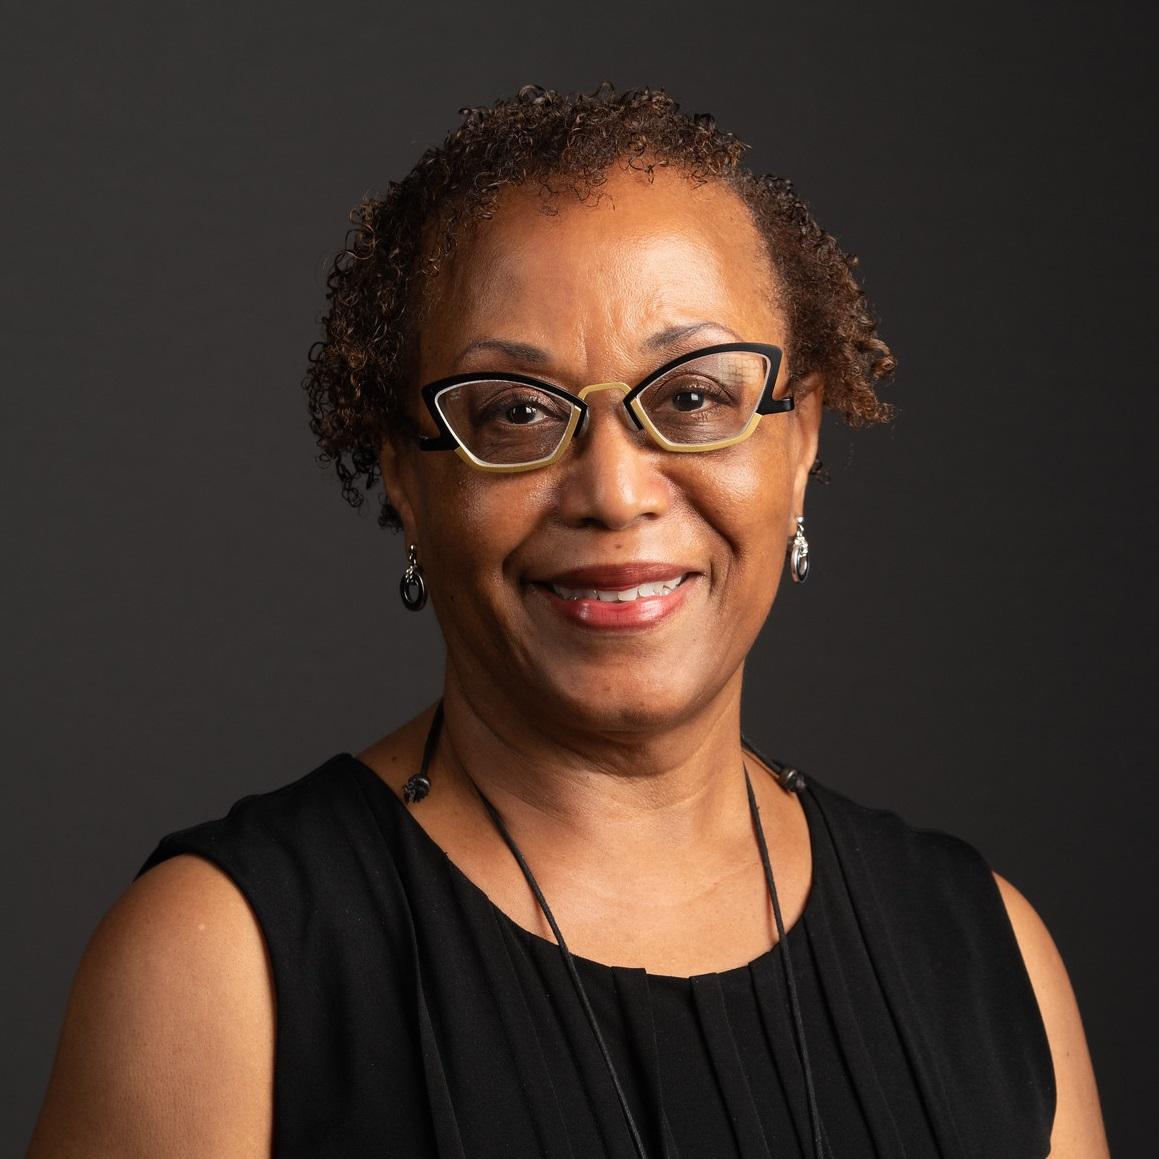 Anita-Moore